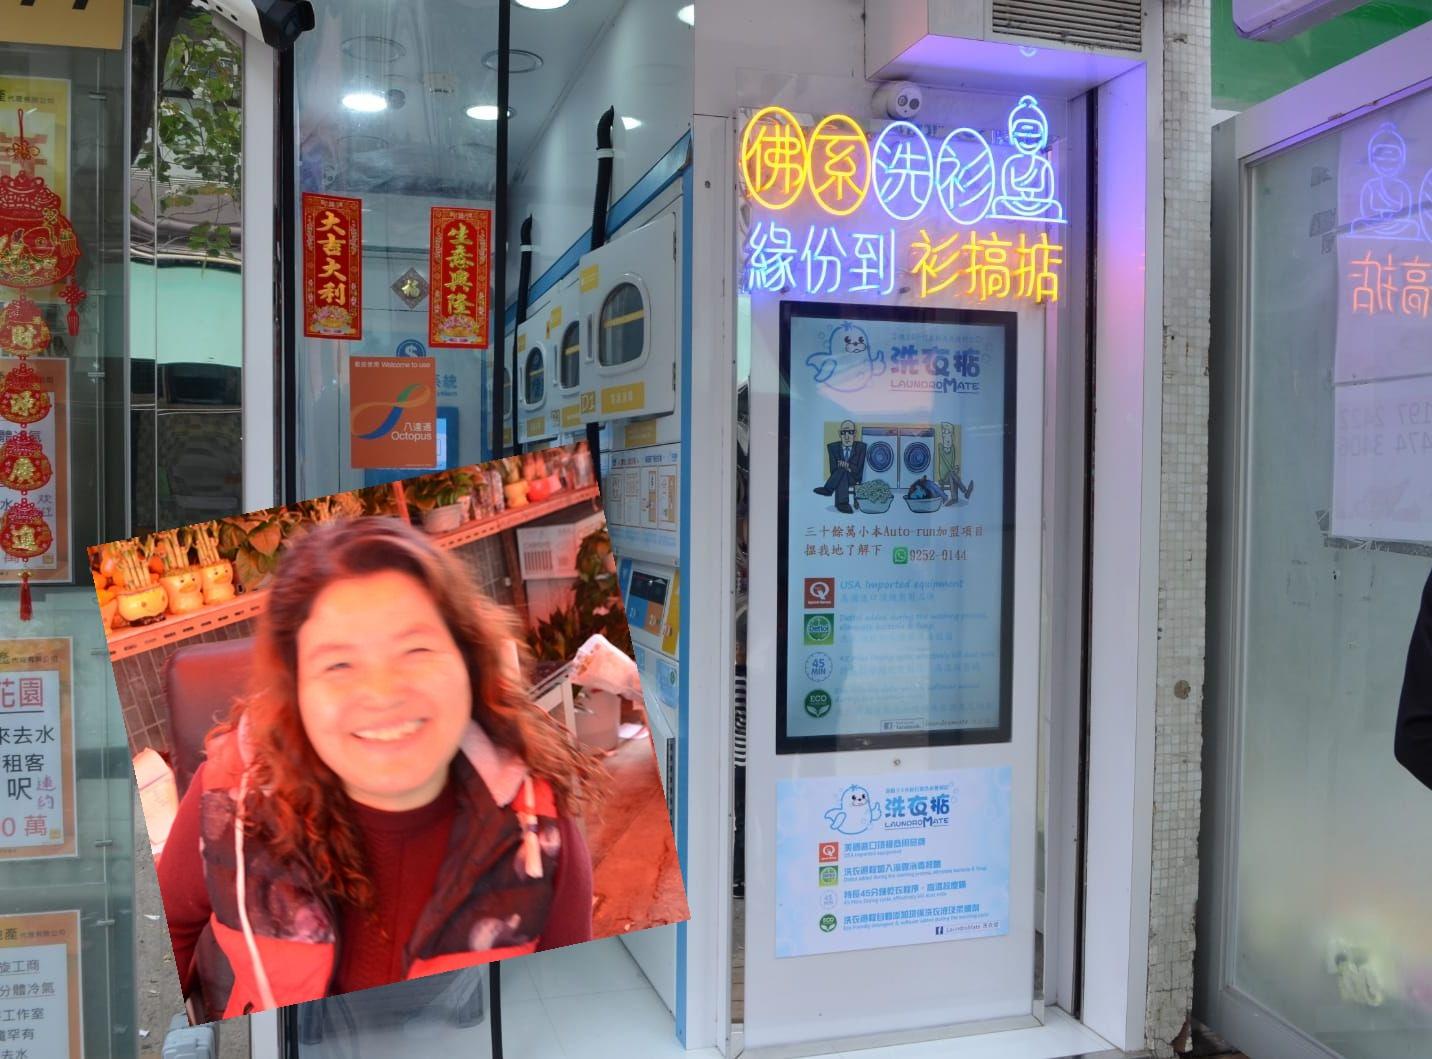 花店老闆娘莫女士(小圖)到洗衣店洗衣後懷疑被人盜走7萬元現金。